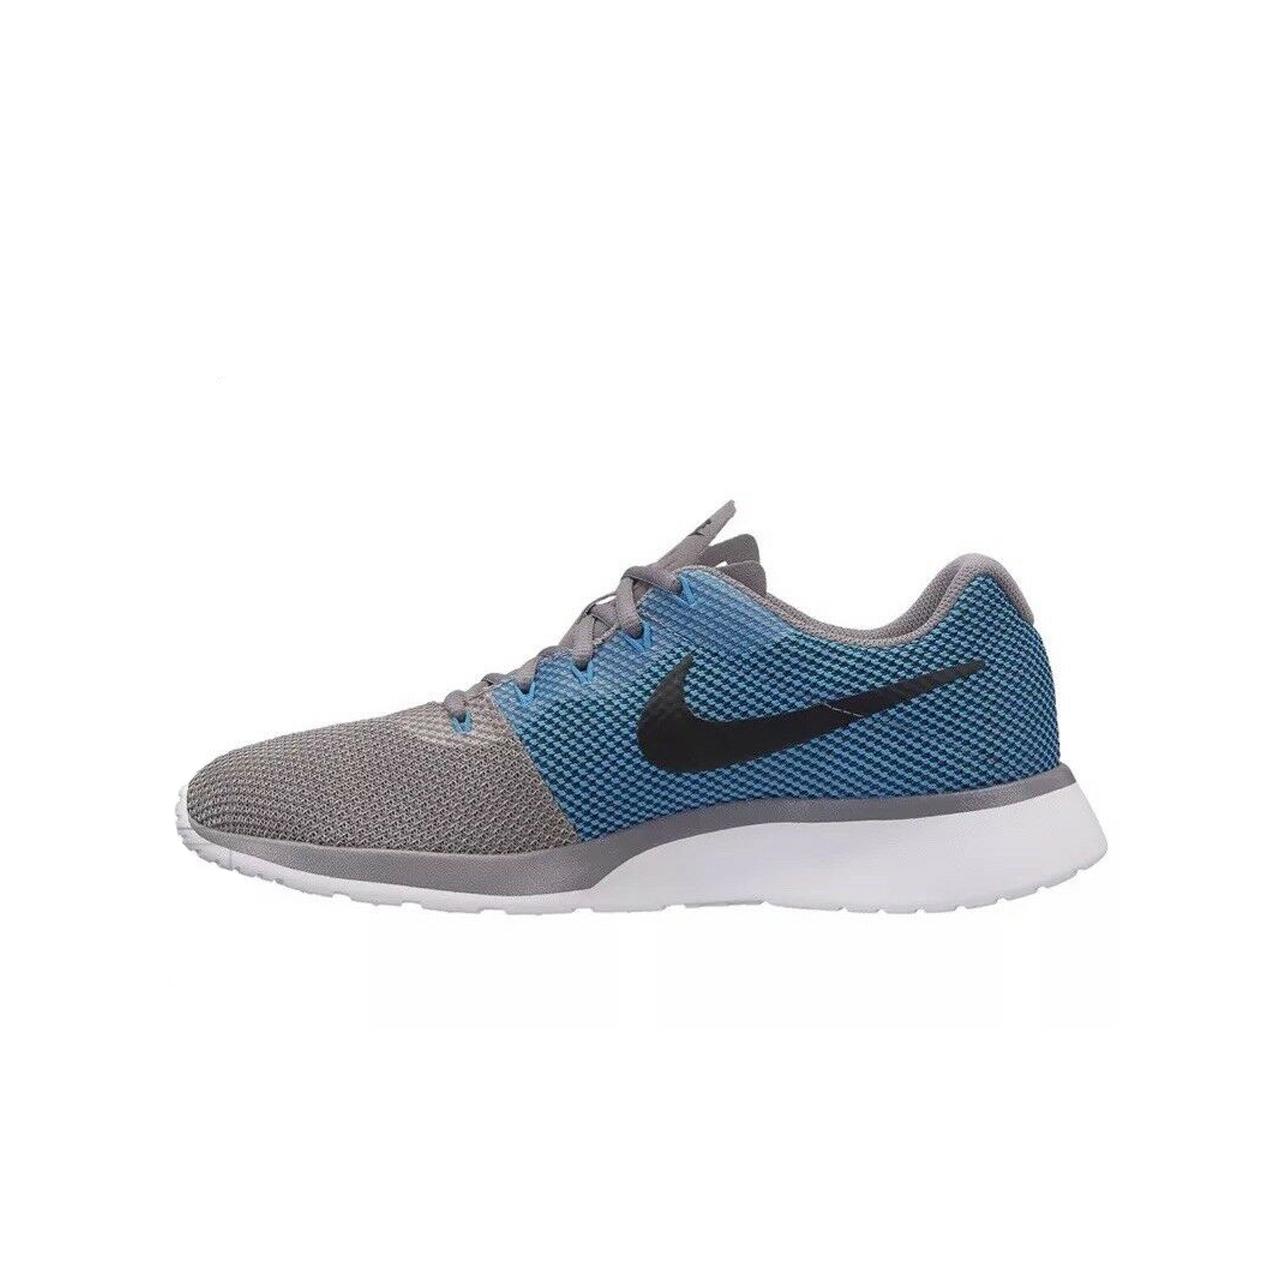 قیمت کفش مخصوص دویدن مردانه نایکی مدل 921669-006